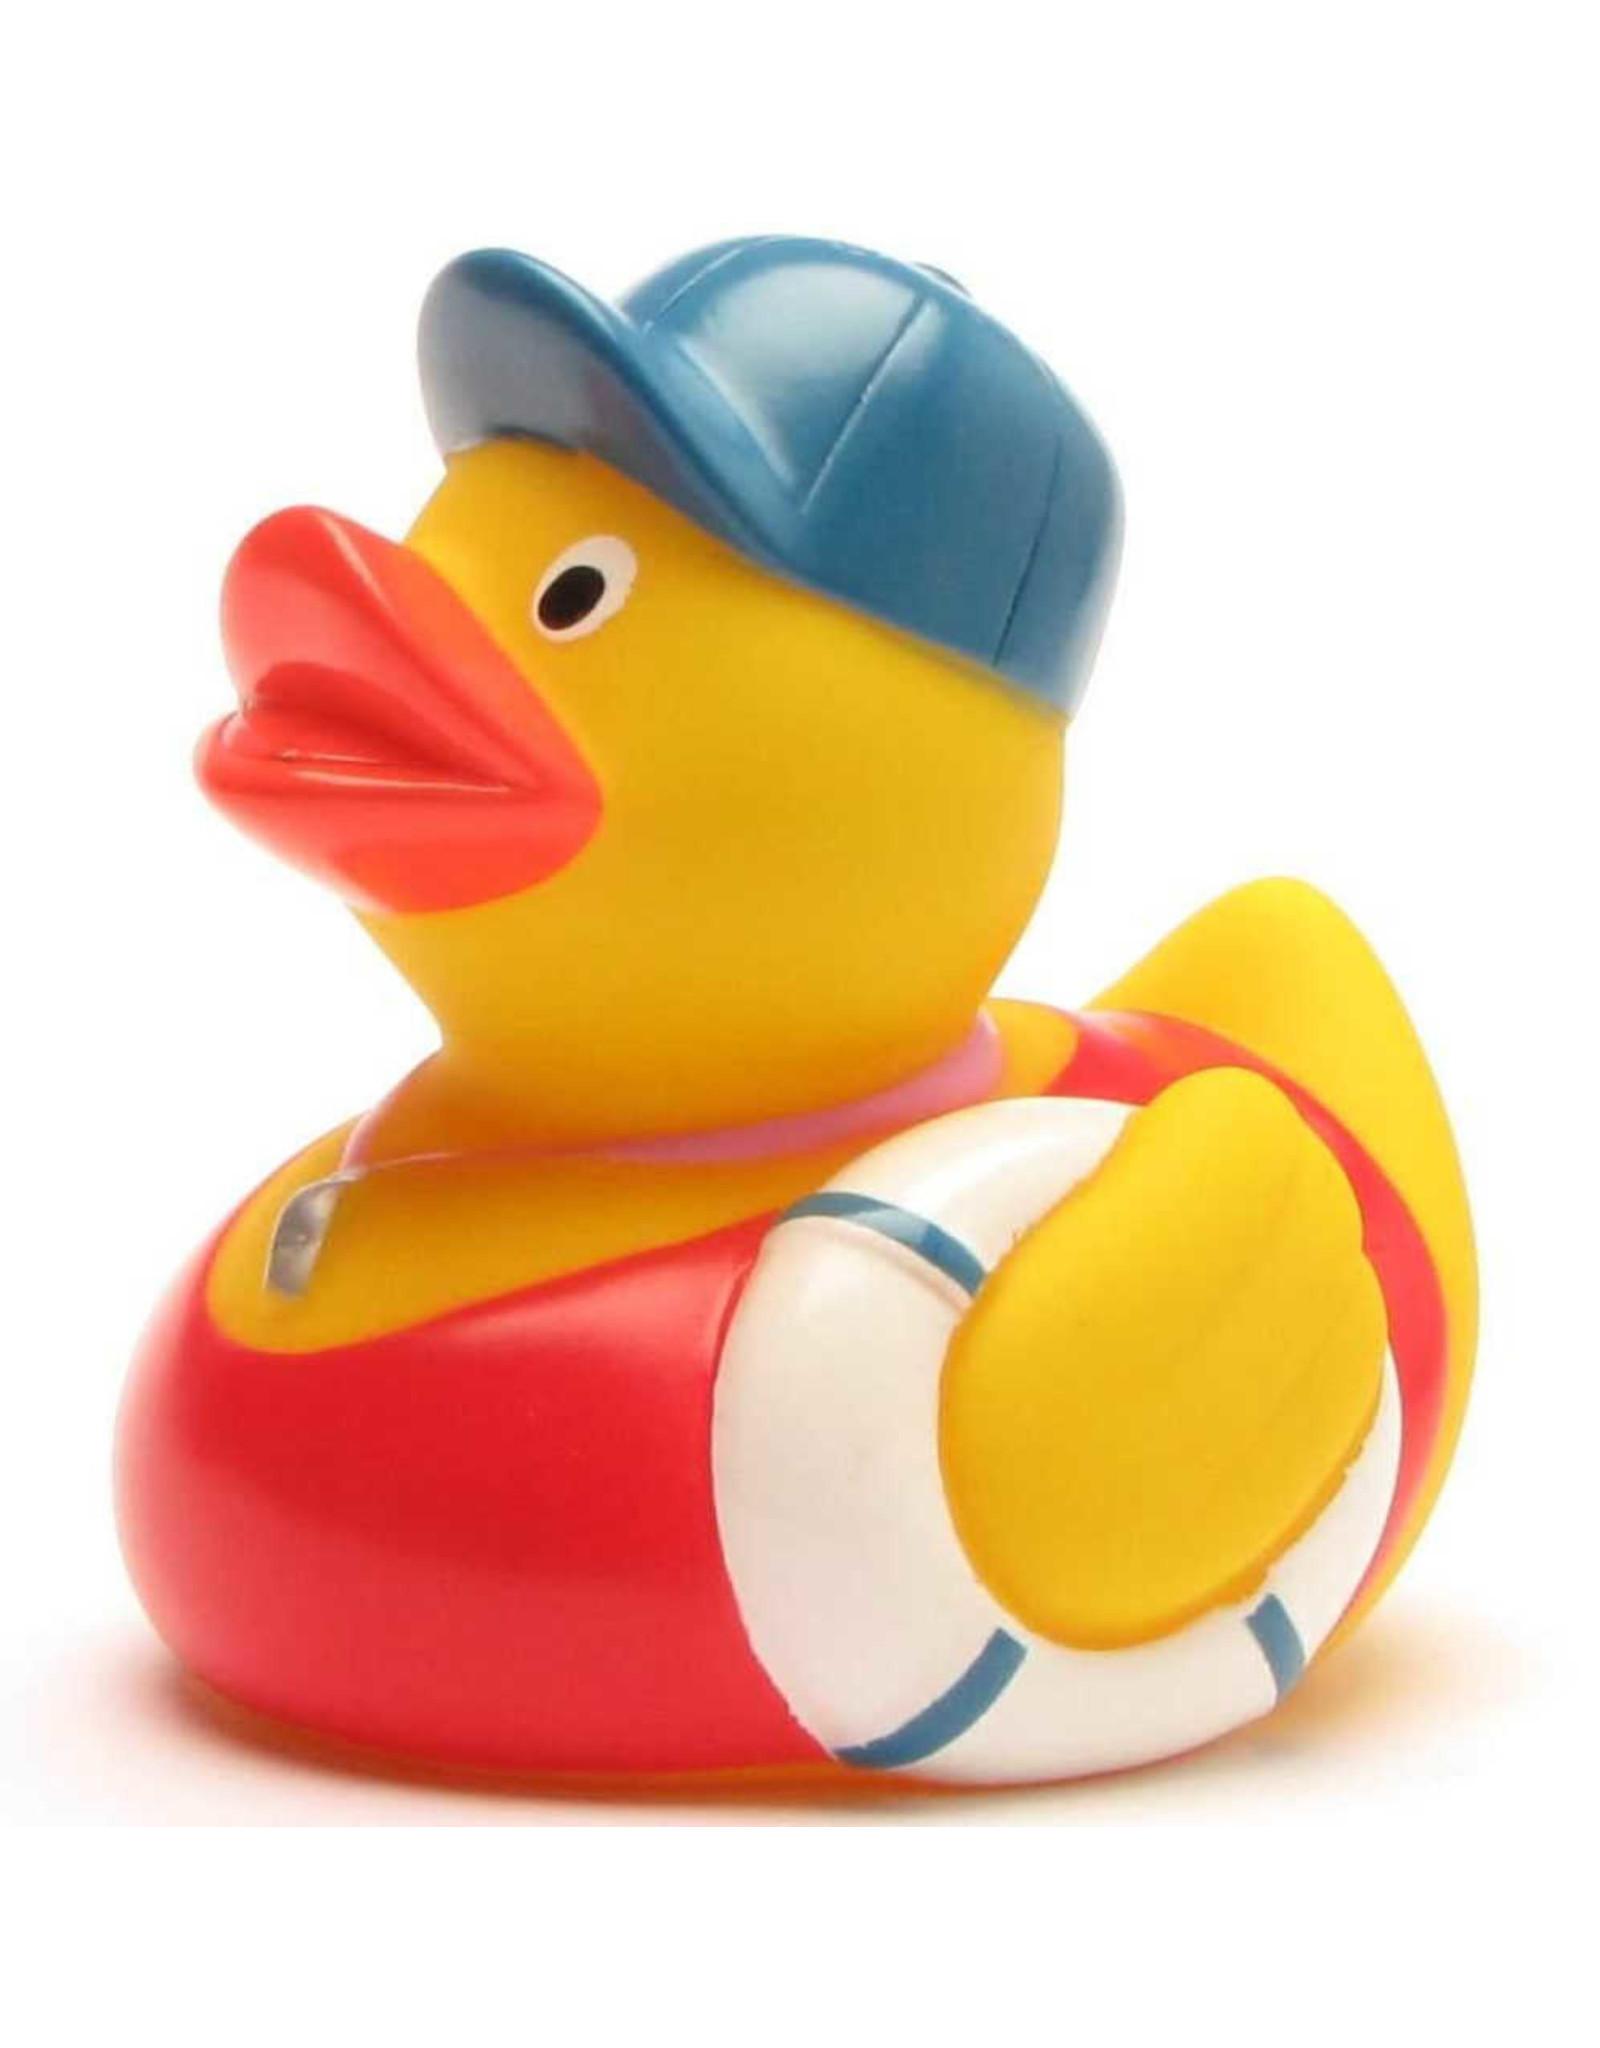 Lifeguard Rubber Duck